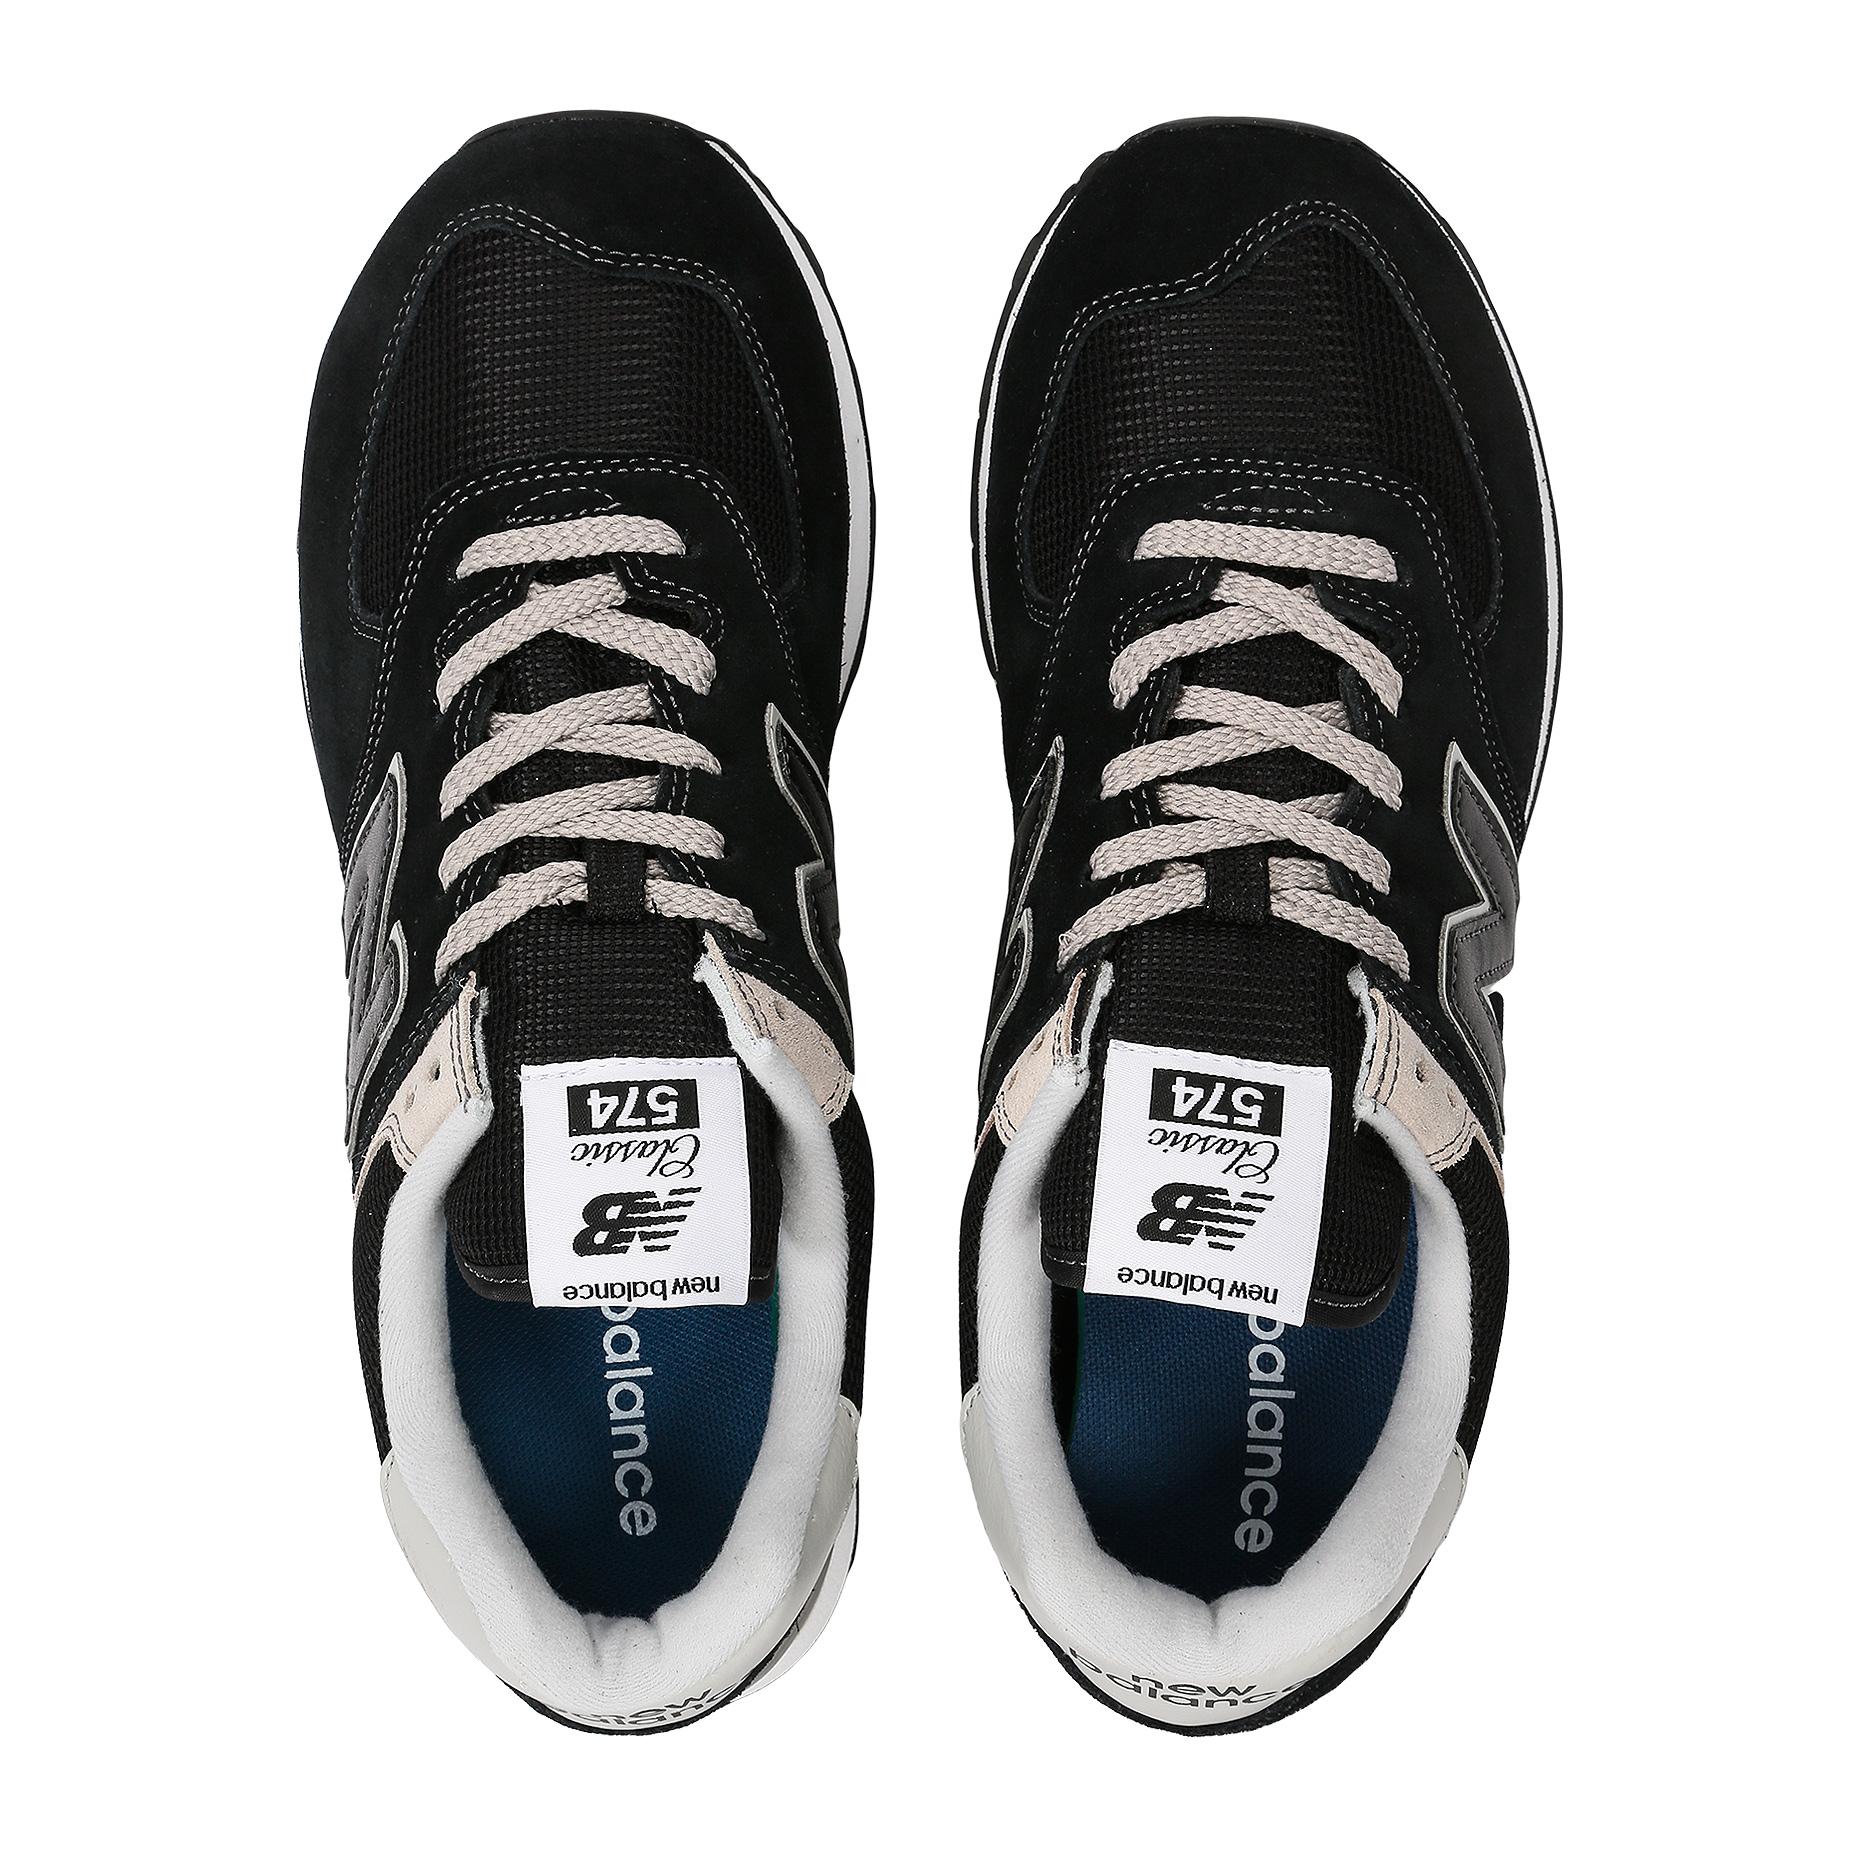 219fd9e1 Кроссовки 574 от New Balance (ML574EGK/D) - продажа, цена, фото ...